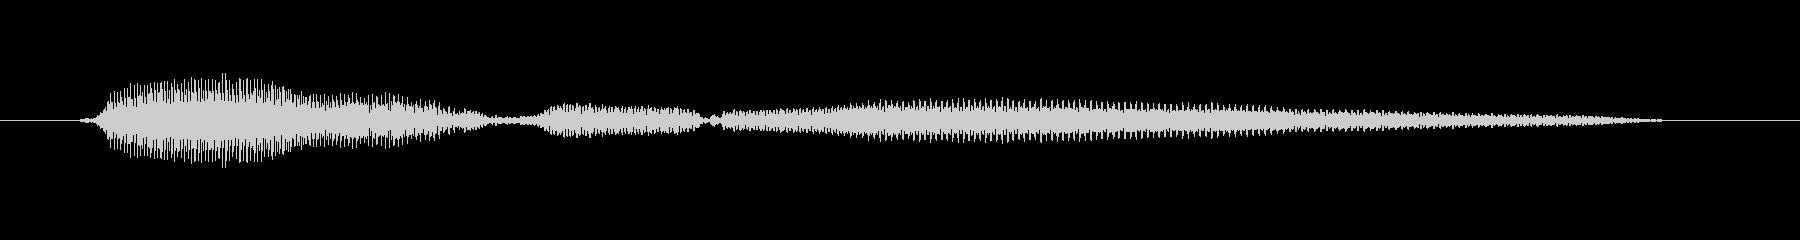 鳴き声 女性トークエルフィッシュ12の未再生の波形